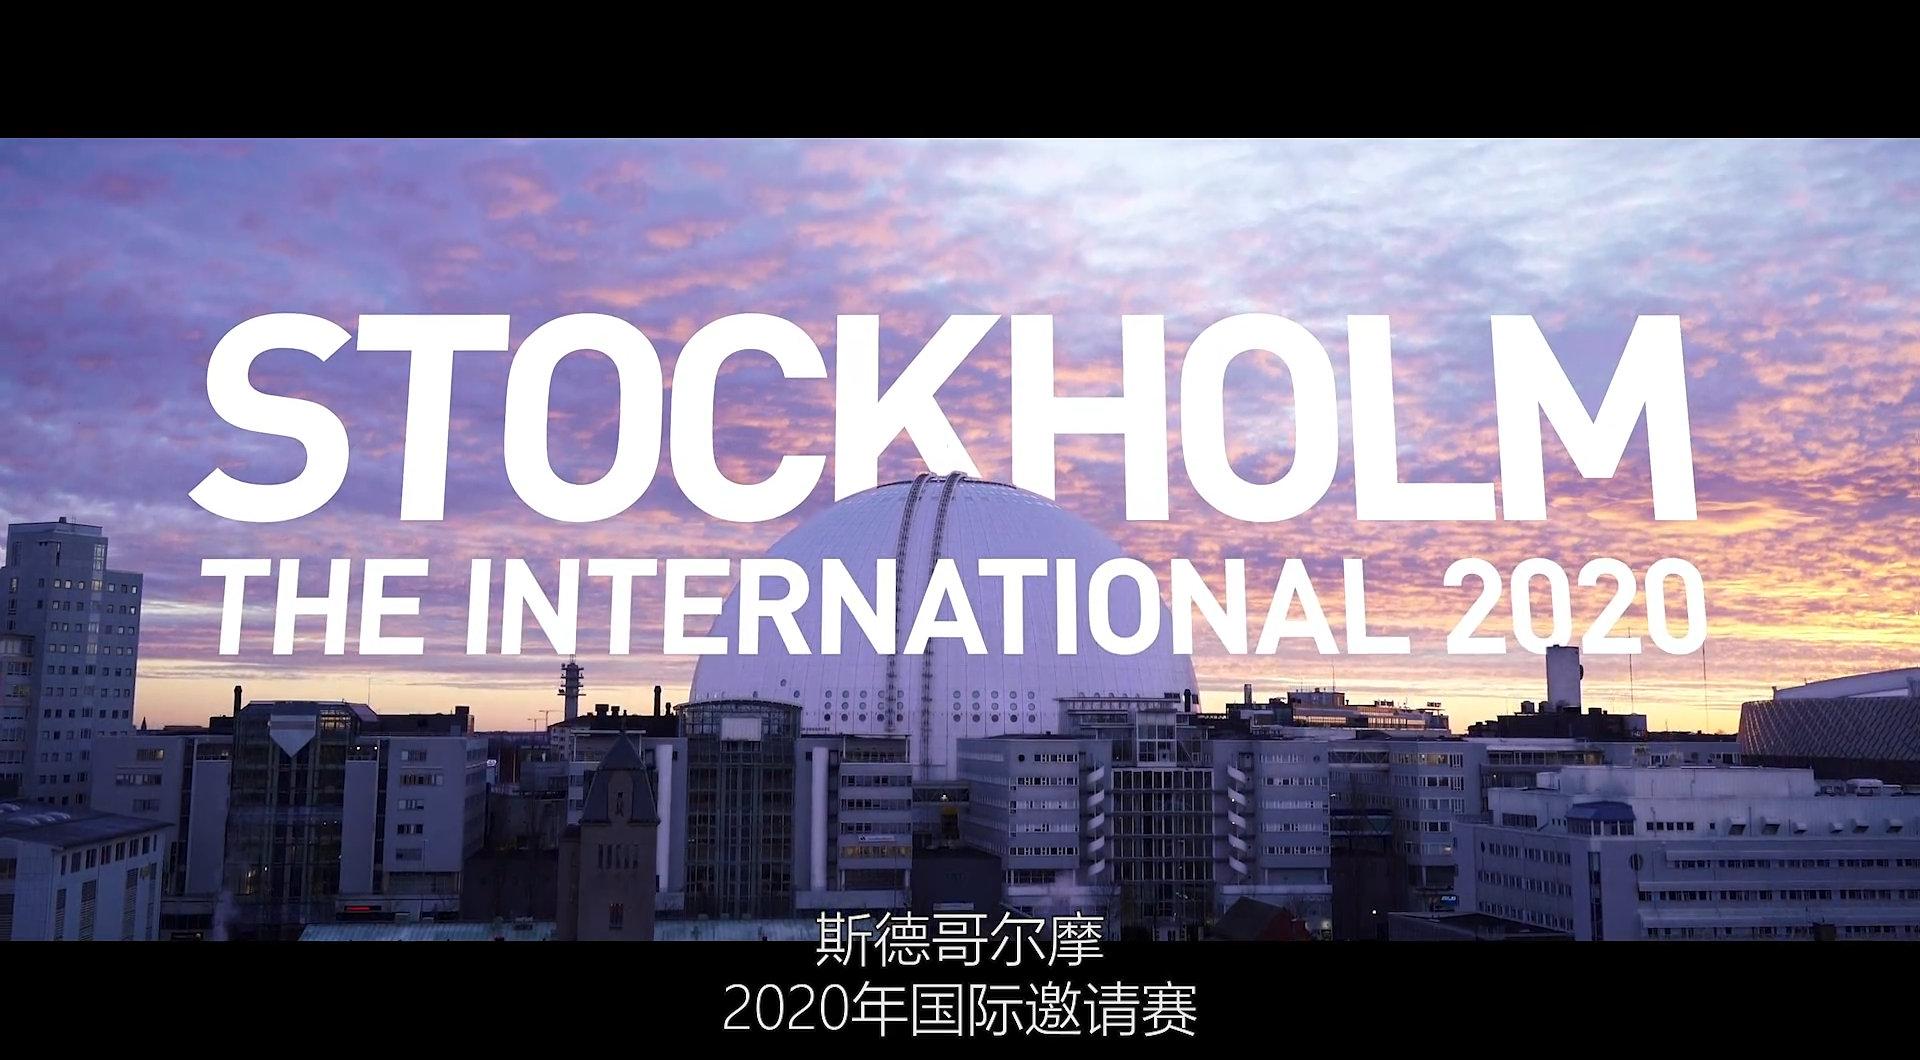 《DOTA2》TI10举办地公布:瑞典首都斯德哥尔摩